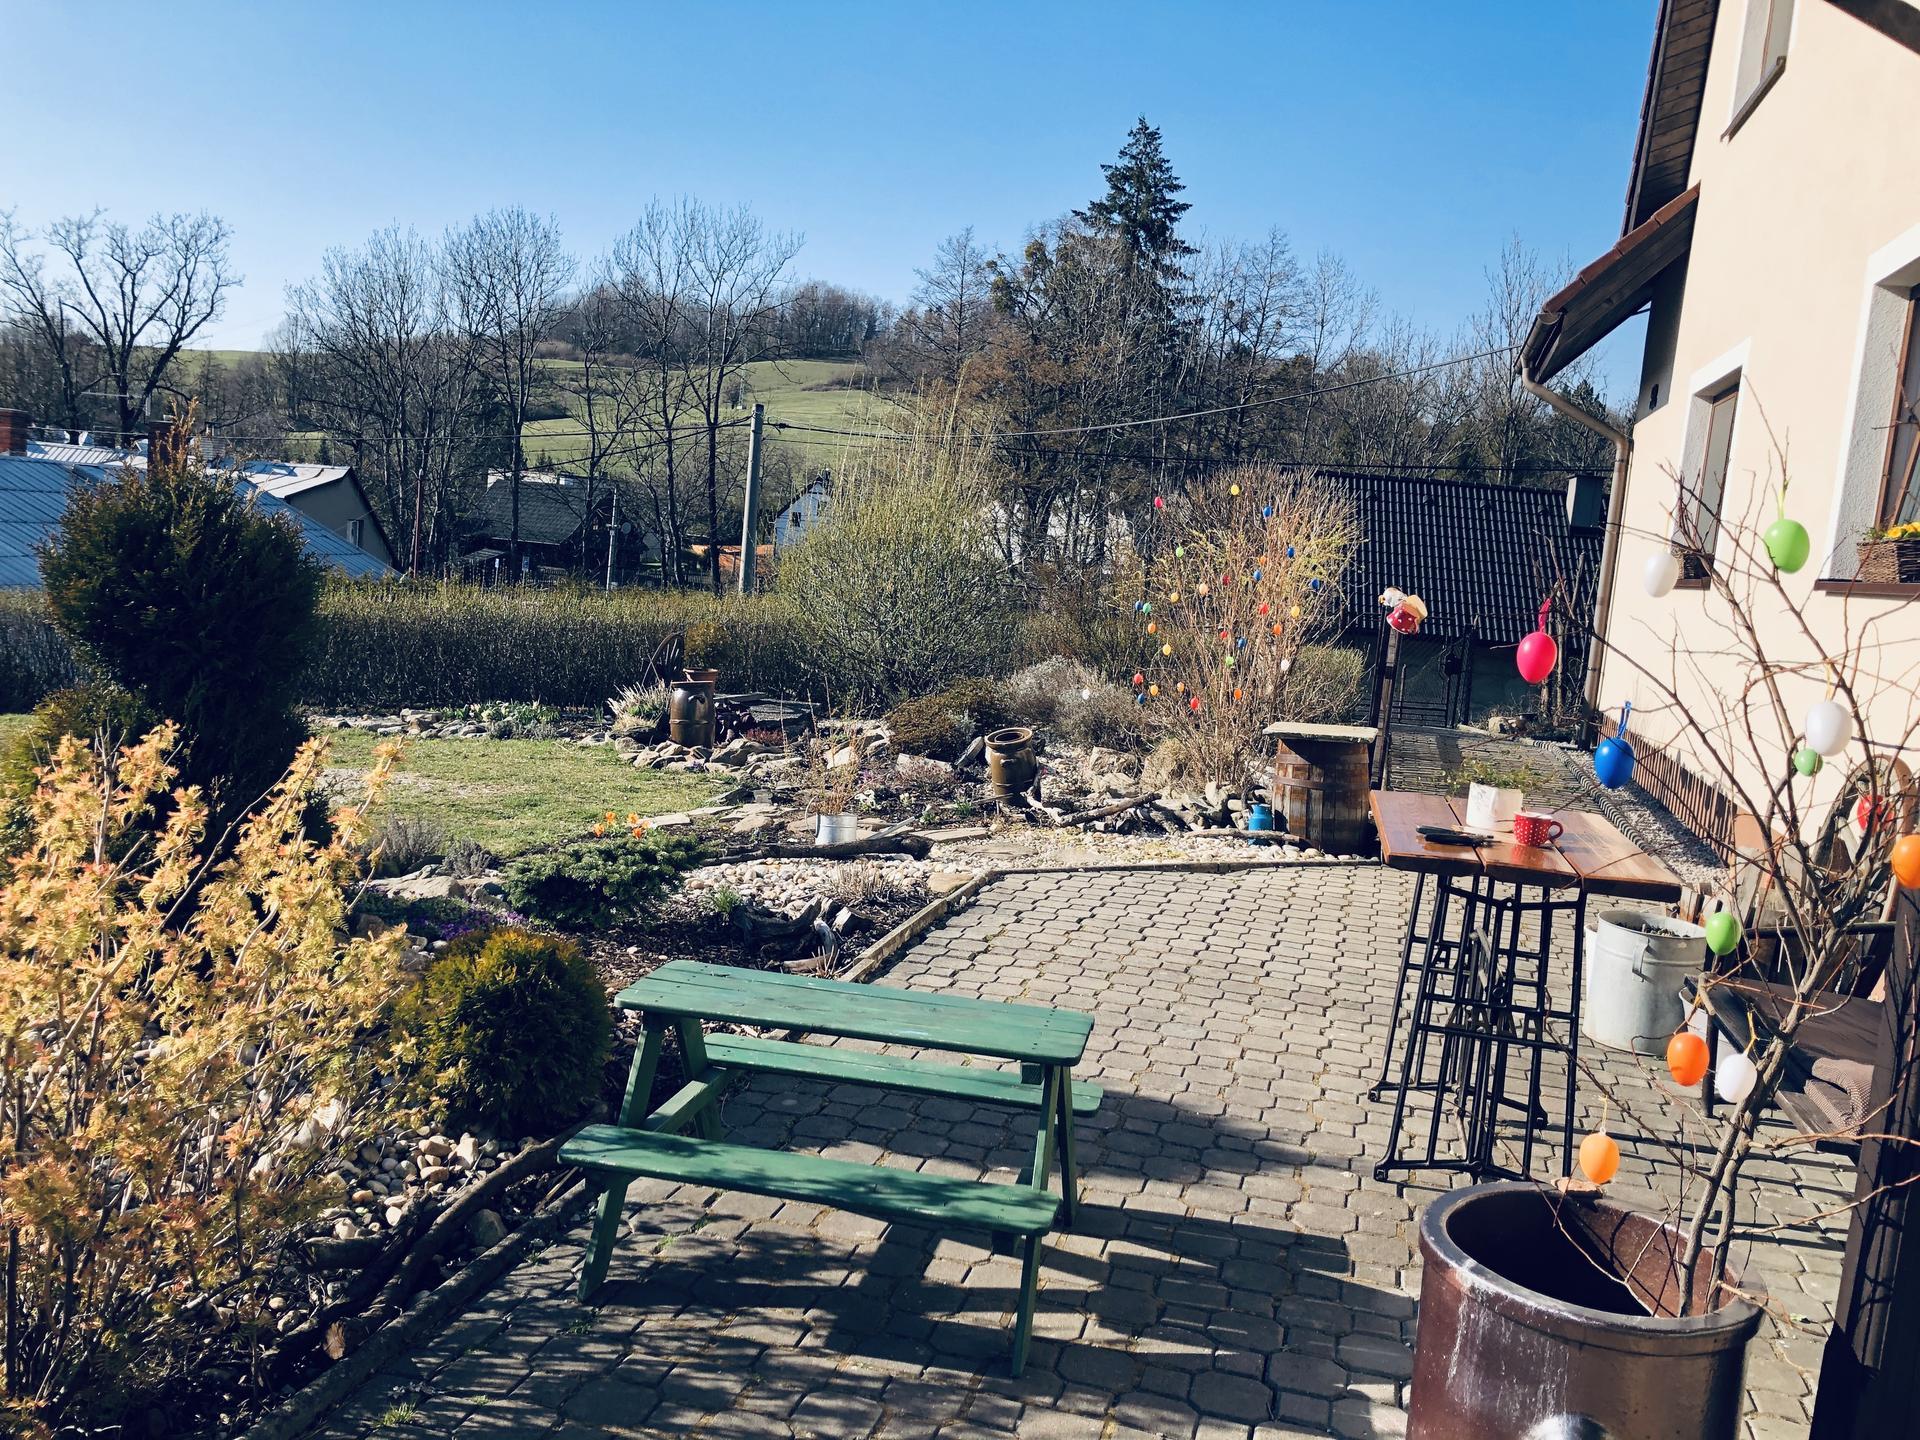 U nás doma a na zahradě 2020 - Obrázek č. 44